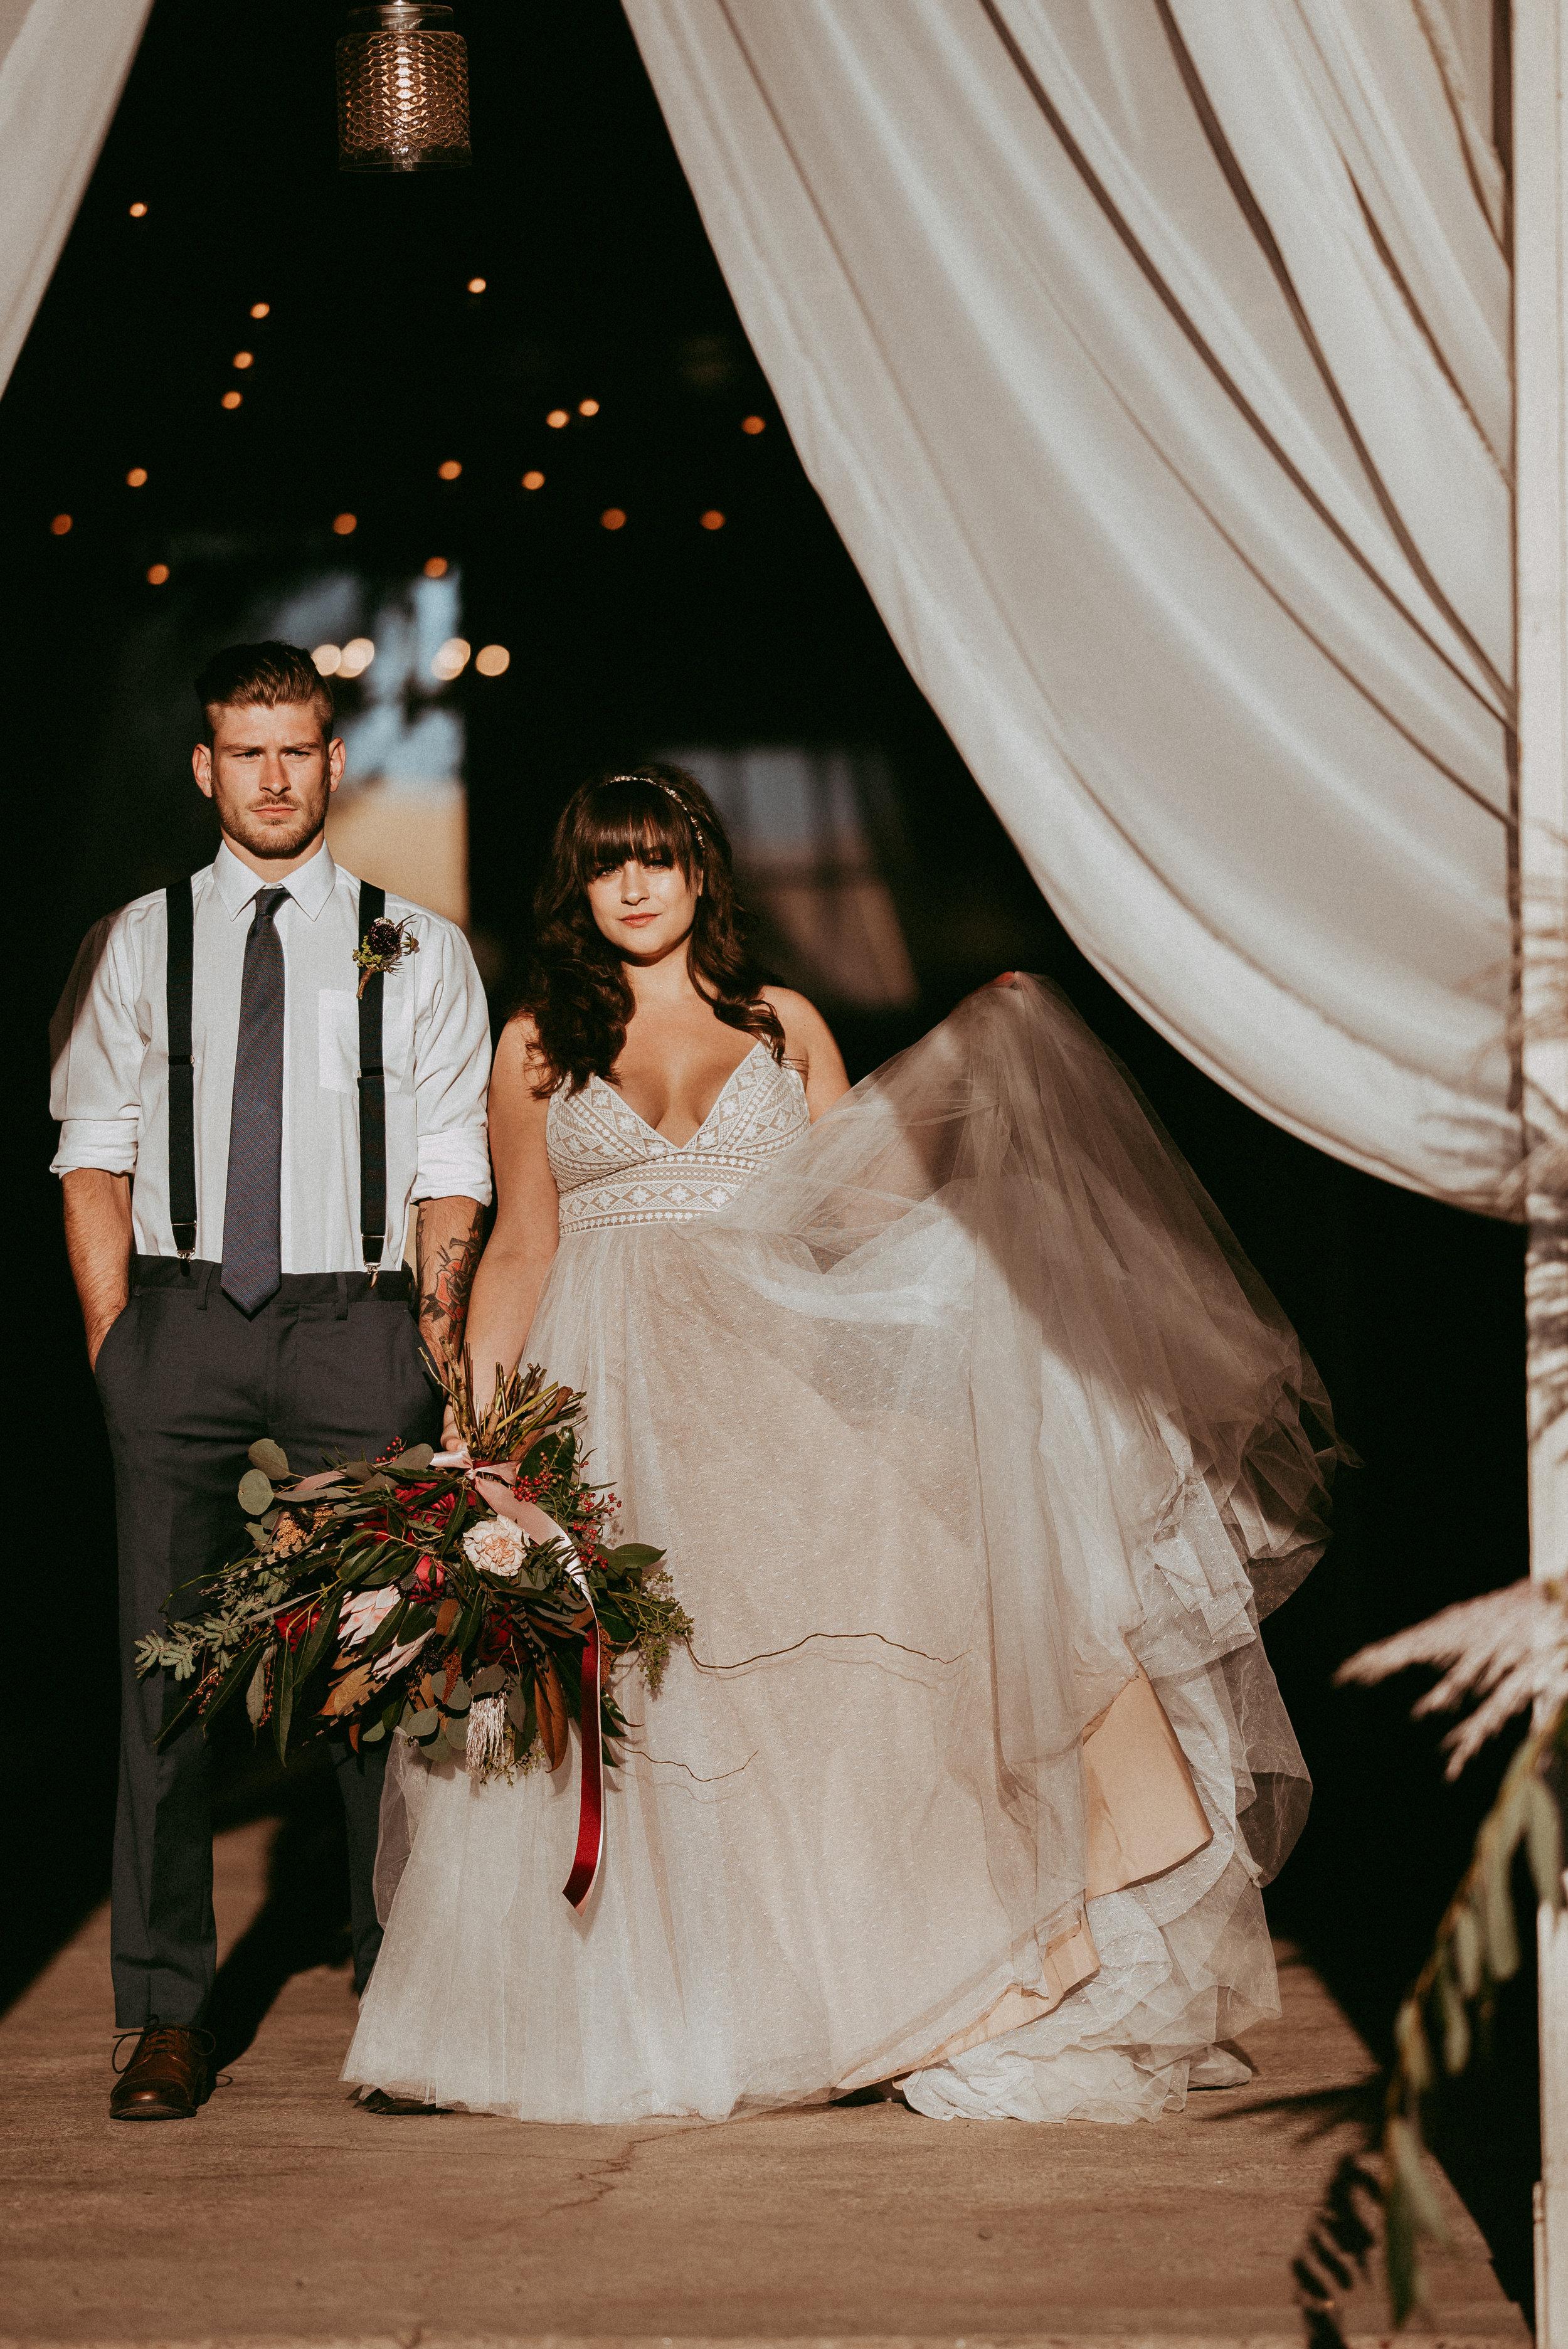 Colfax Spokane Wedding Image